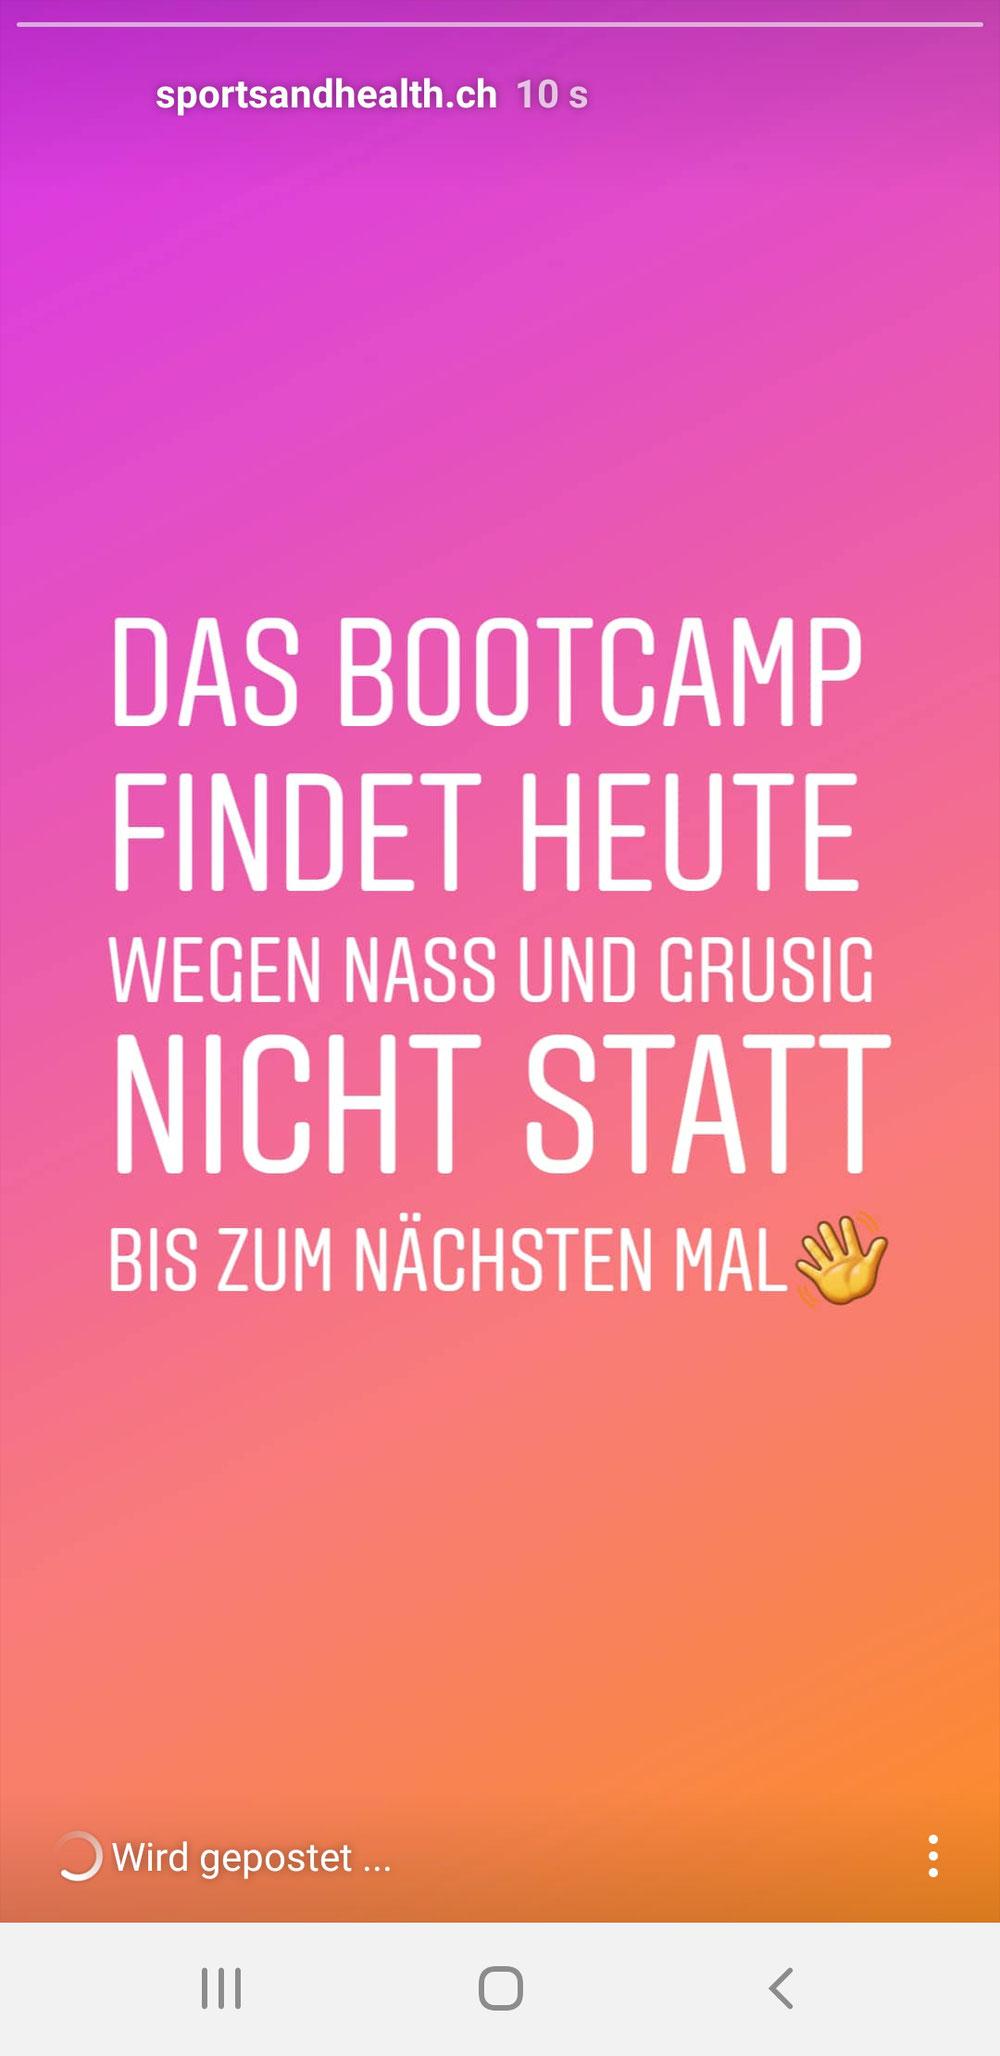 Das Bootcamp findet heute nicht statt.